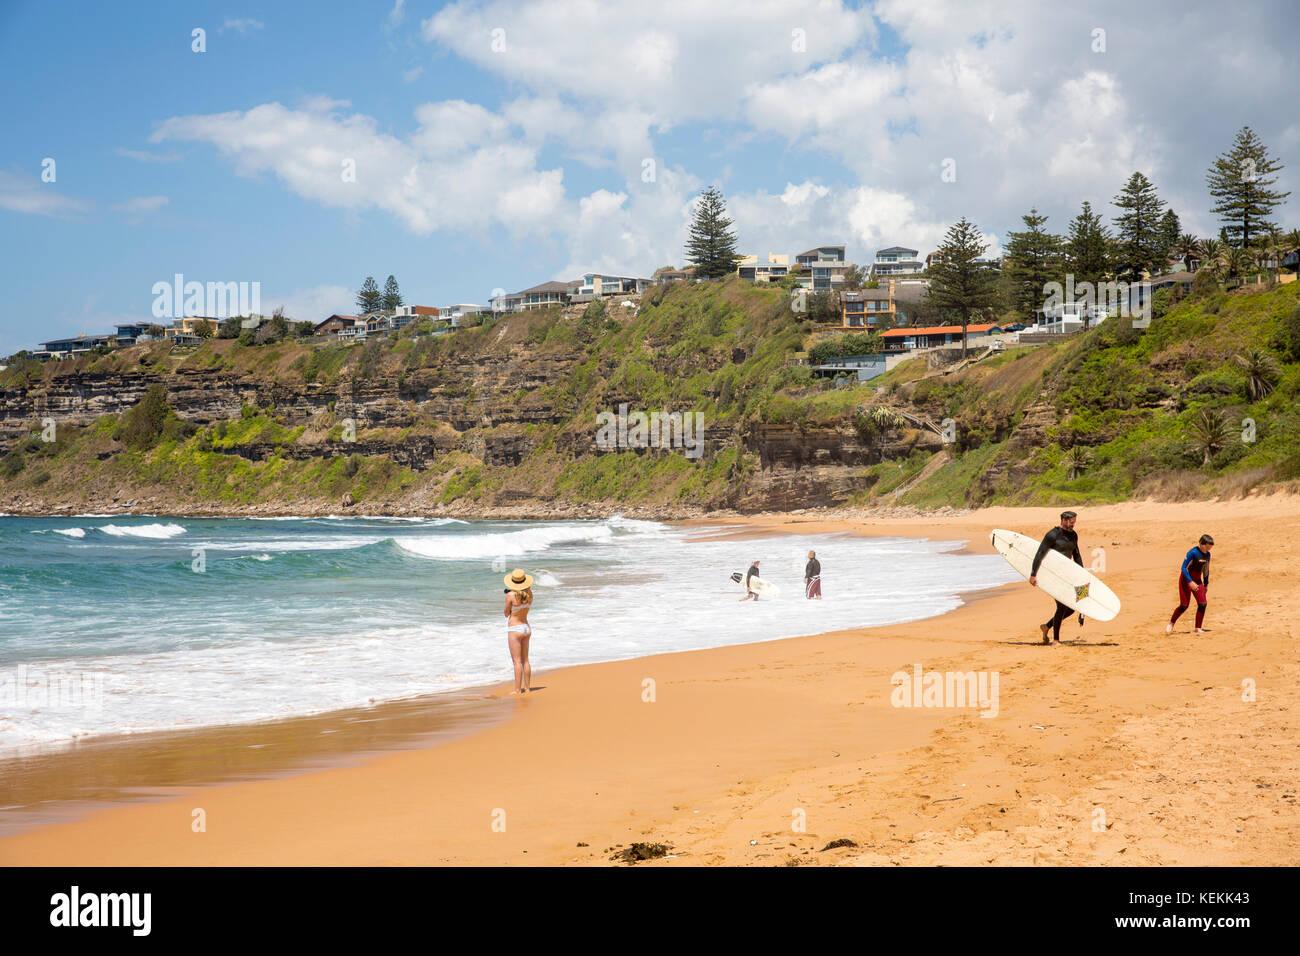 Les surfeurs sur la plage, Bungan beach surf populaire sur les plages du nord de Sydney, Nouvelle Galles du Sud, Australie Banque D'Images